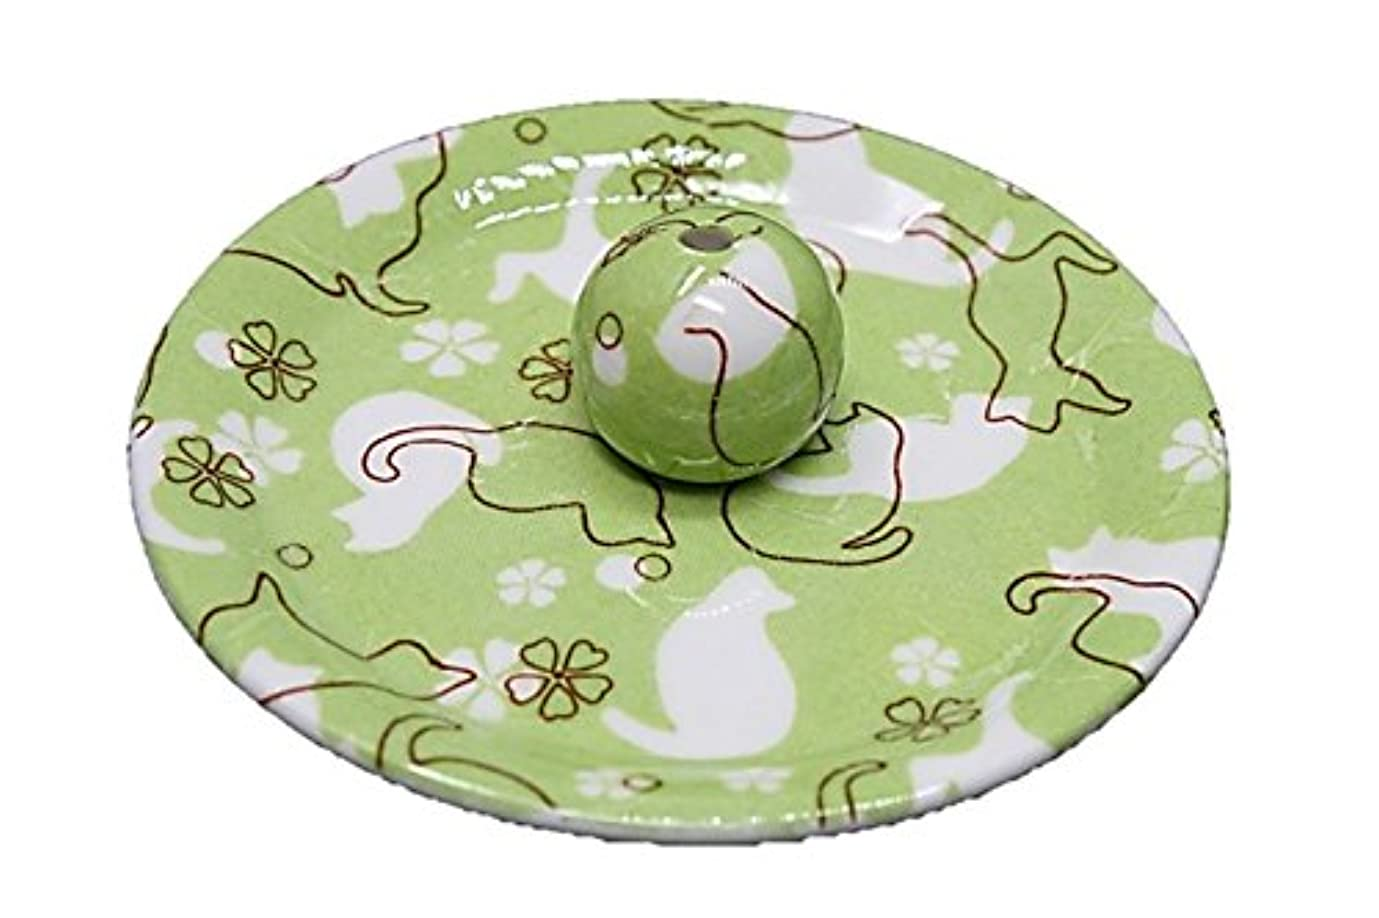 ぎこちないシェアピック9-47 ねこランド(グリーン) 9cm香皿 日本製 お香立て 陶器 猫柄